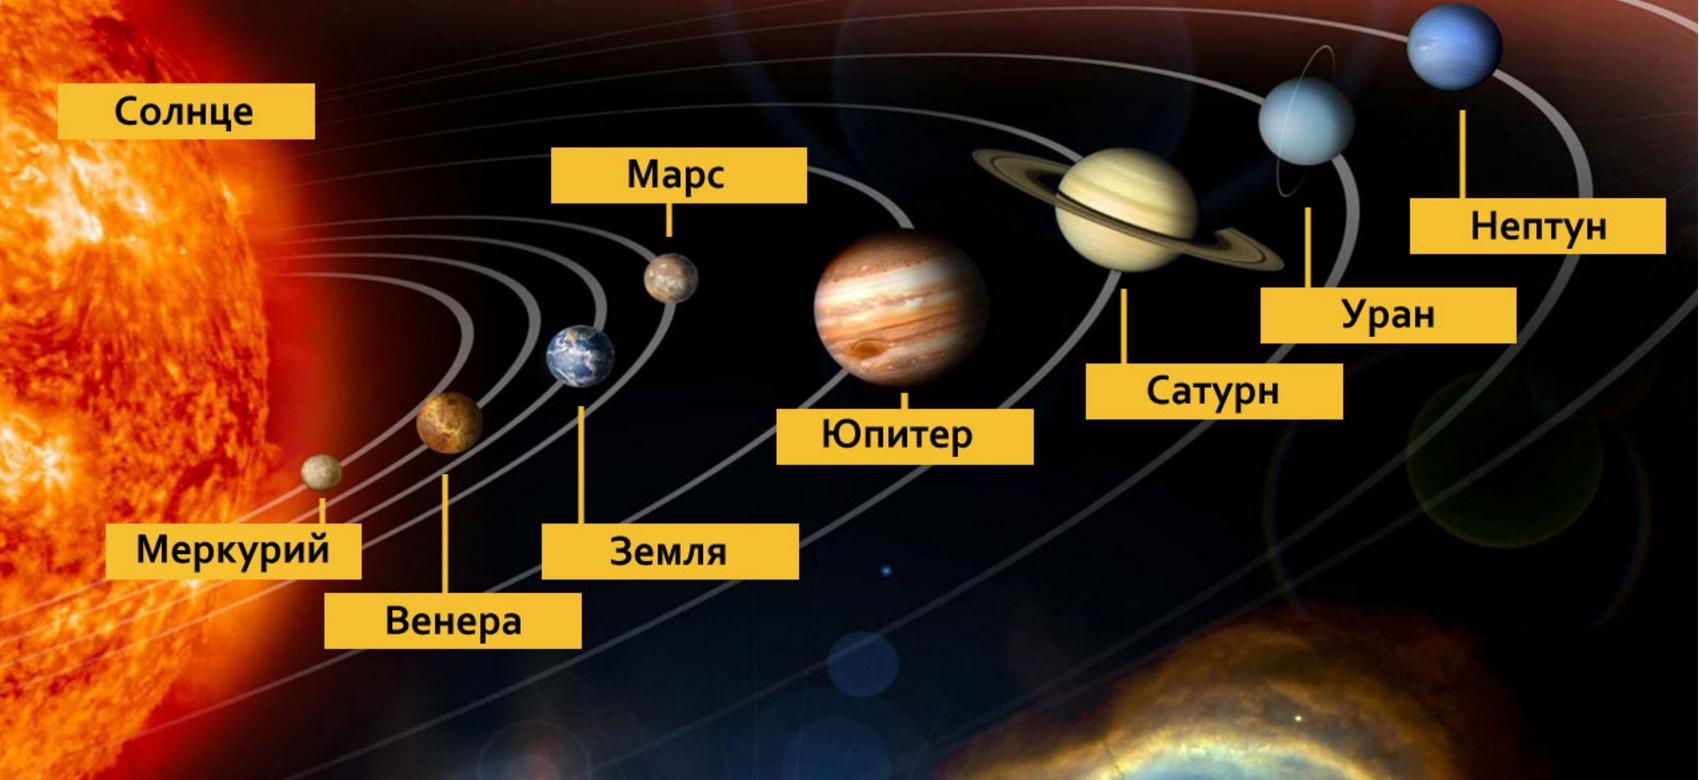 Объекты Солнечной системы. Автор24 — интернет-биржа студенческих работ